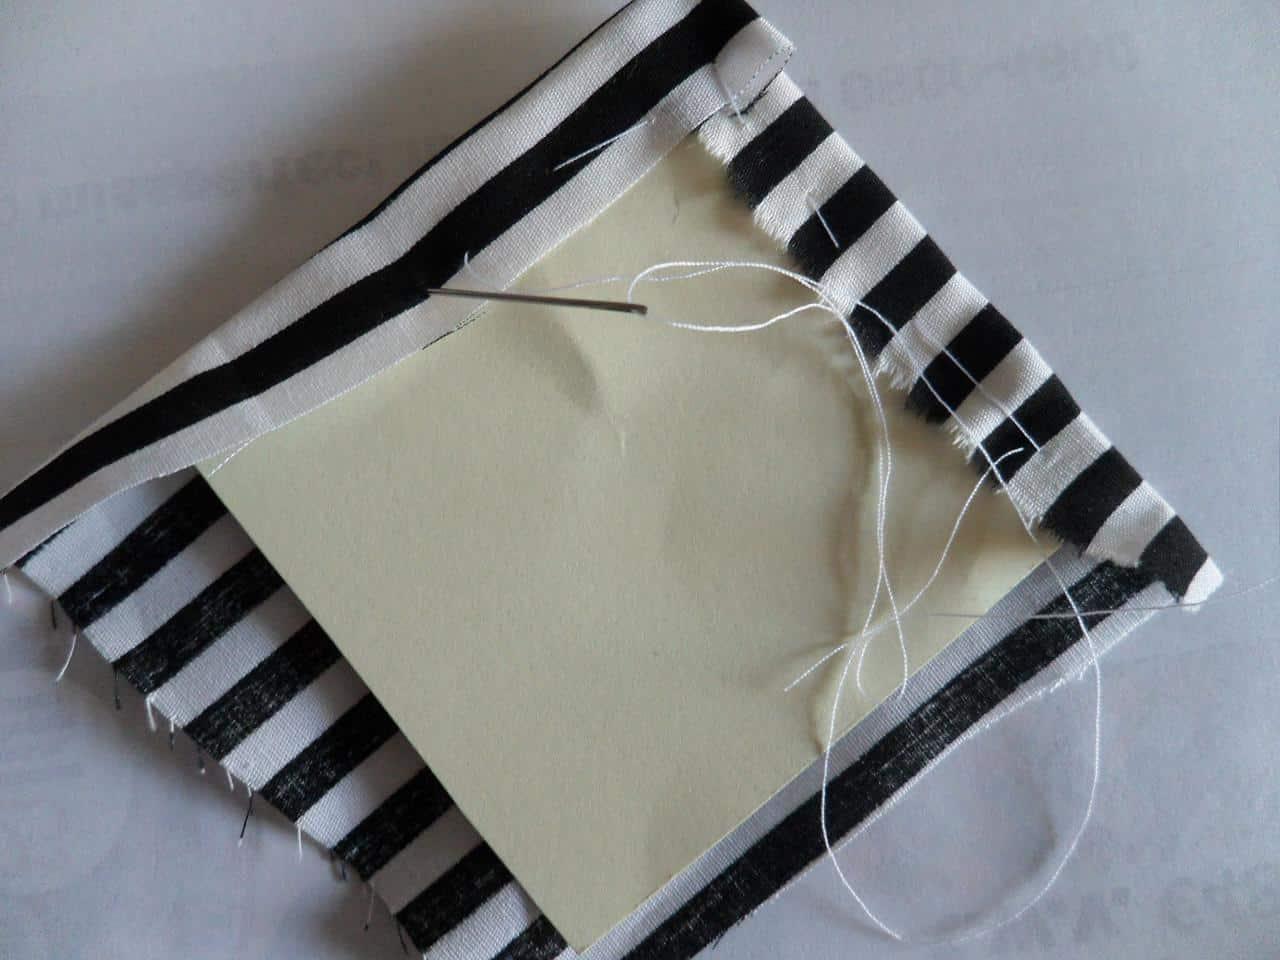 Patchwork quilt maken met stap voor stap uitleg hobby for Koivijver bouwen stap voor stap